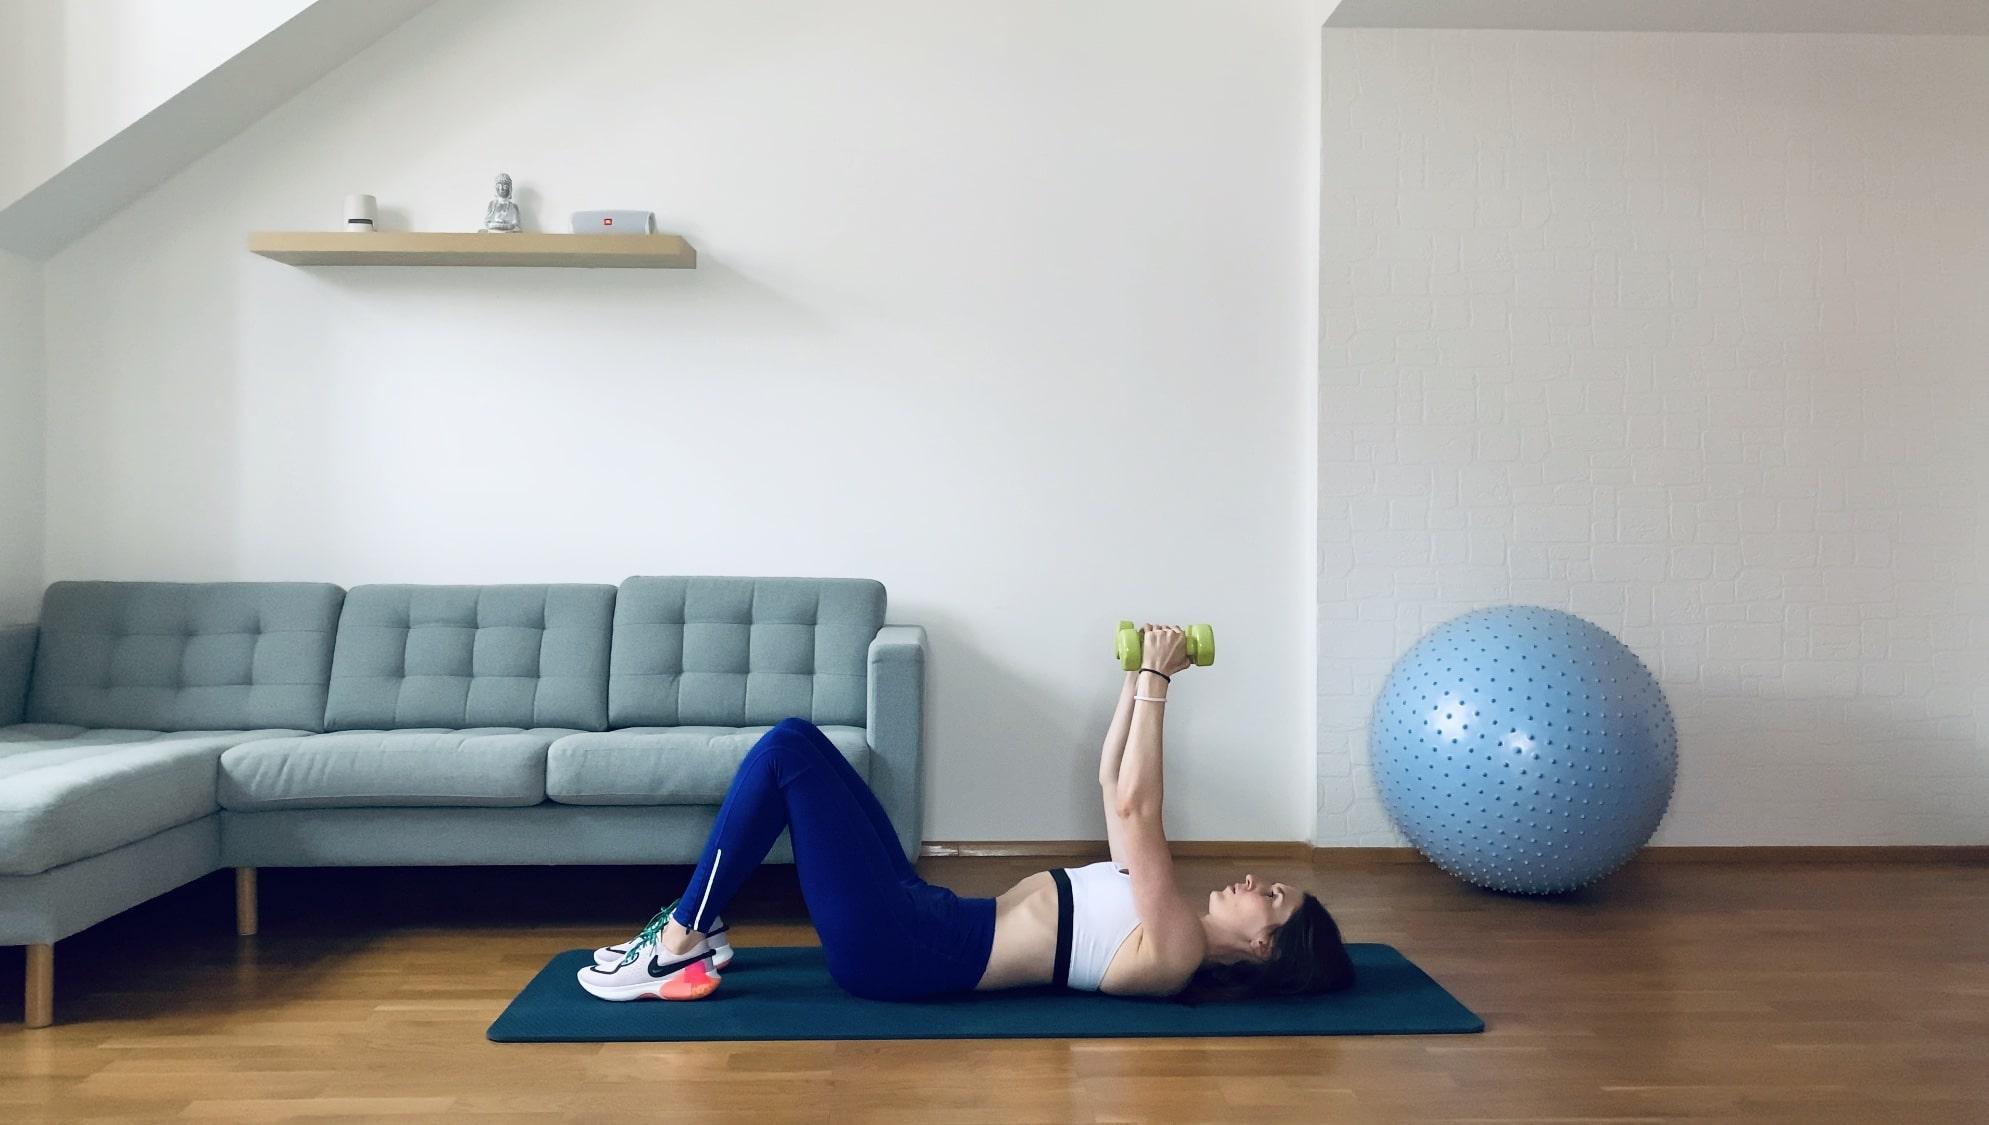 Упражнение разведение гантелей лежа на полу